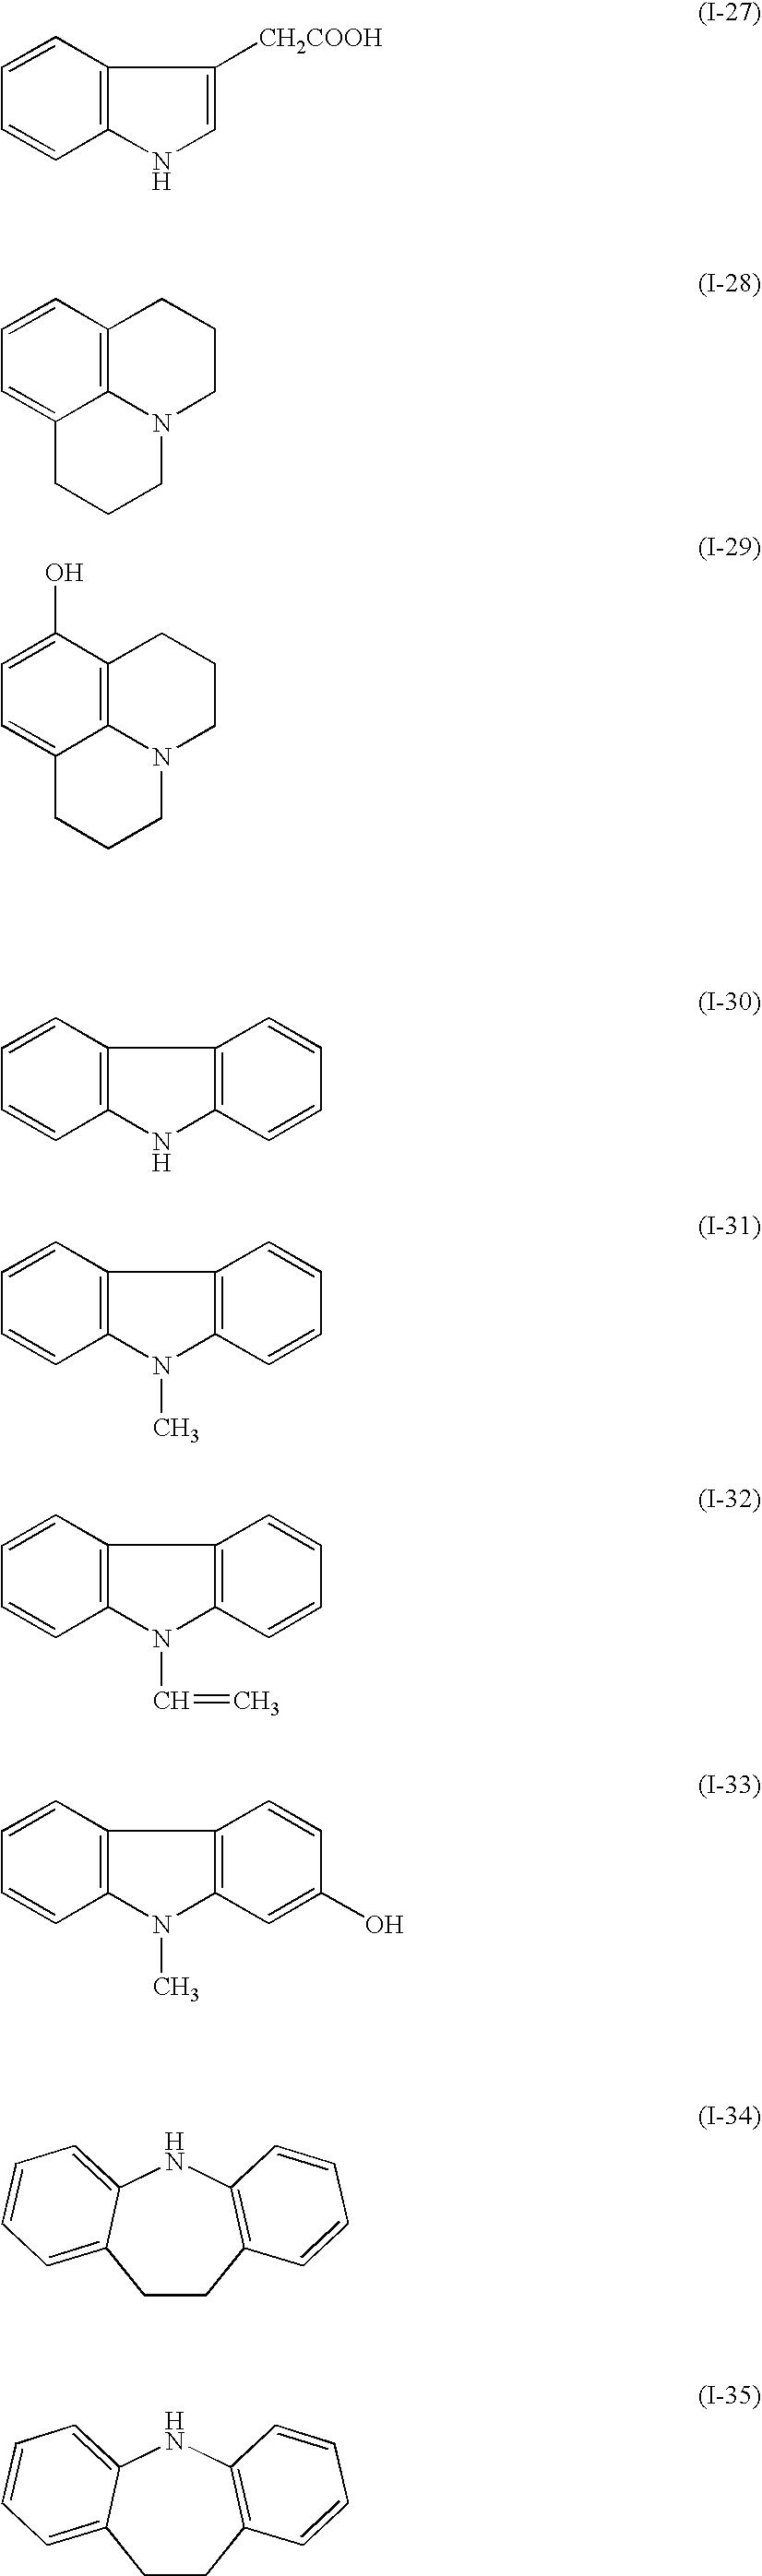 Figure US20060204732A1-20060914-C00008